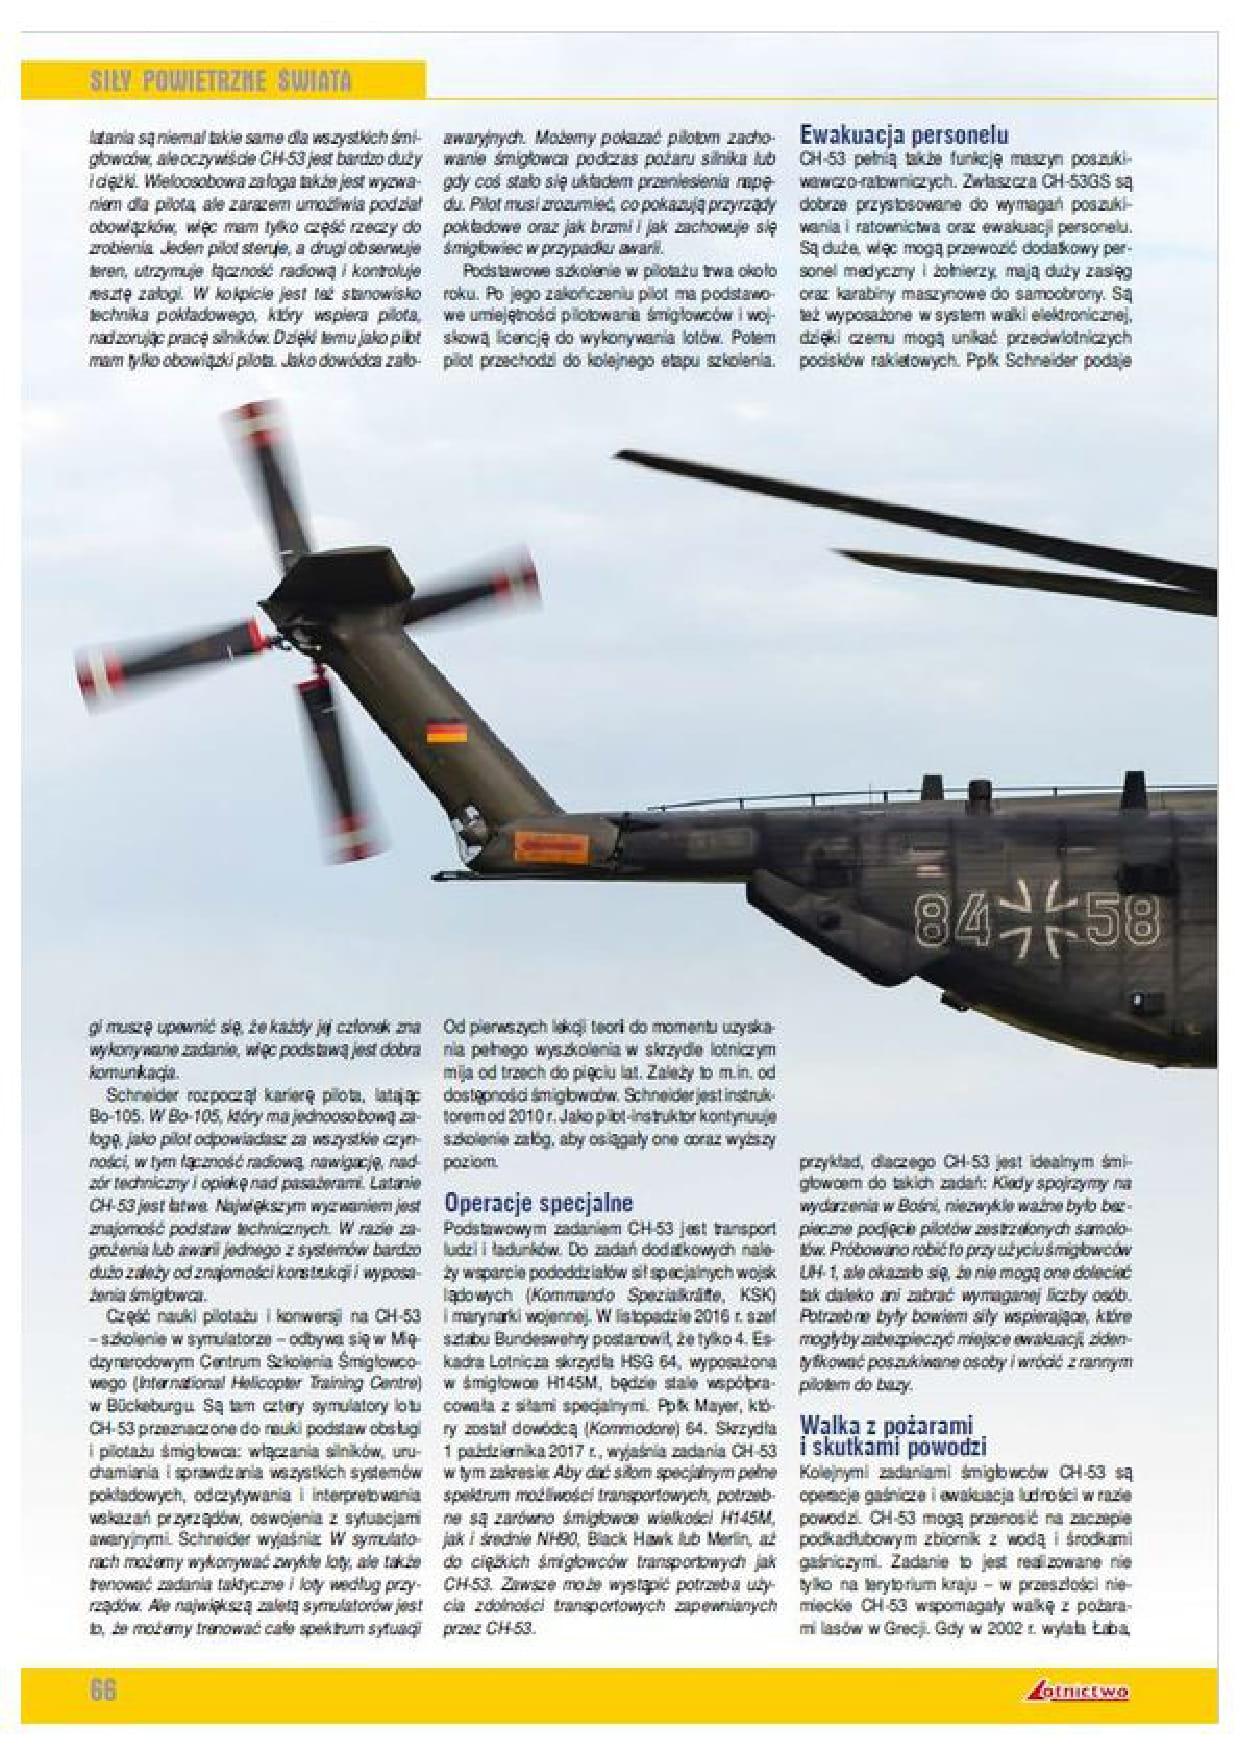 Lotnictwo (Poland)_CH-53 Laupheim (1)-3